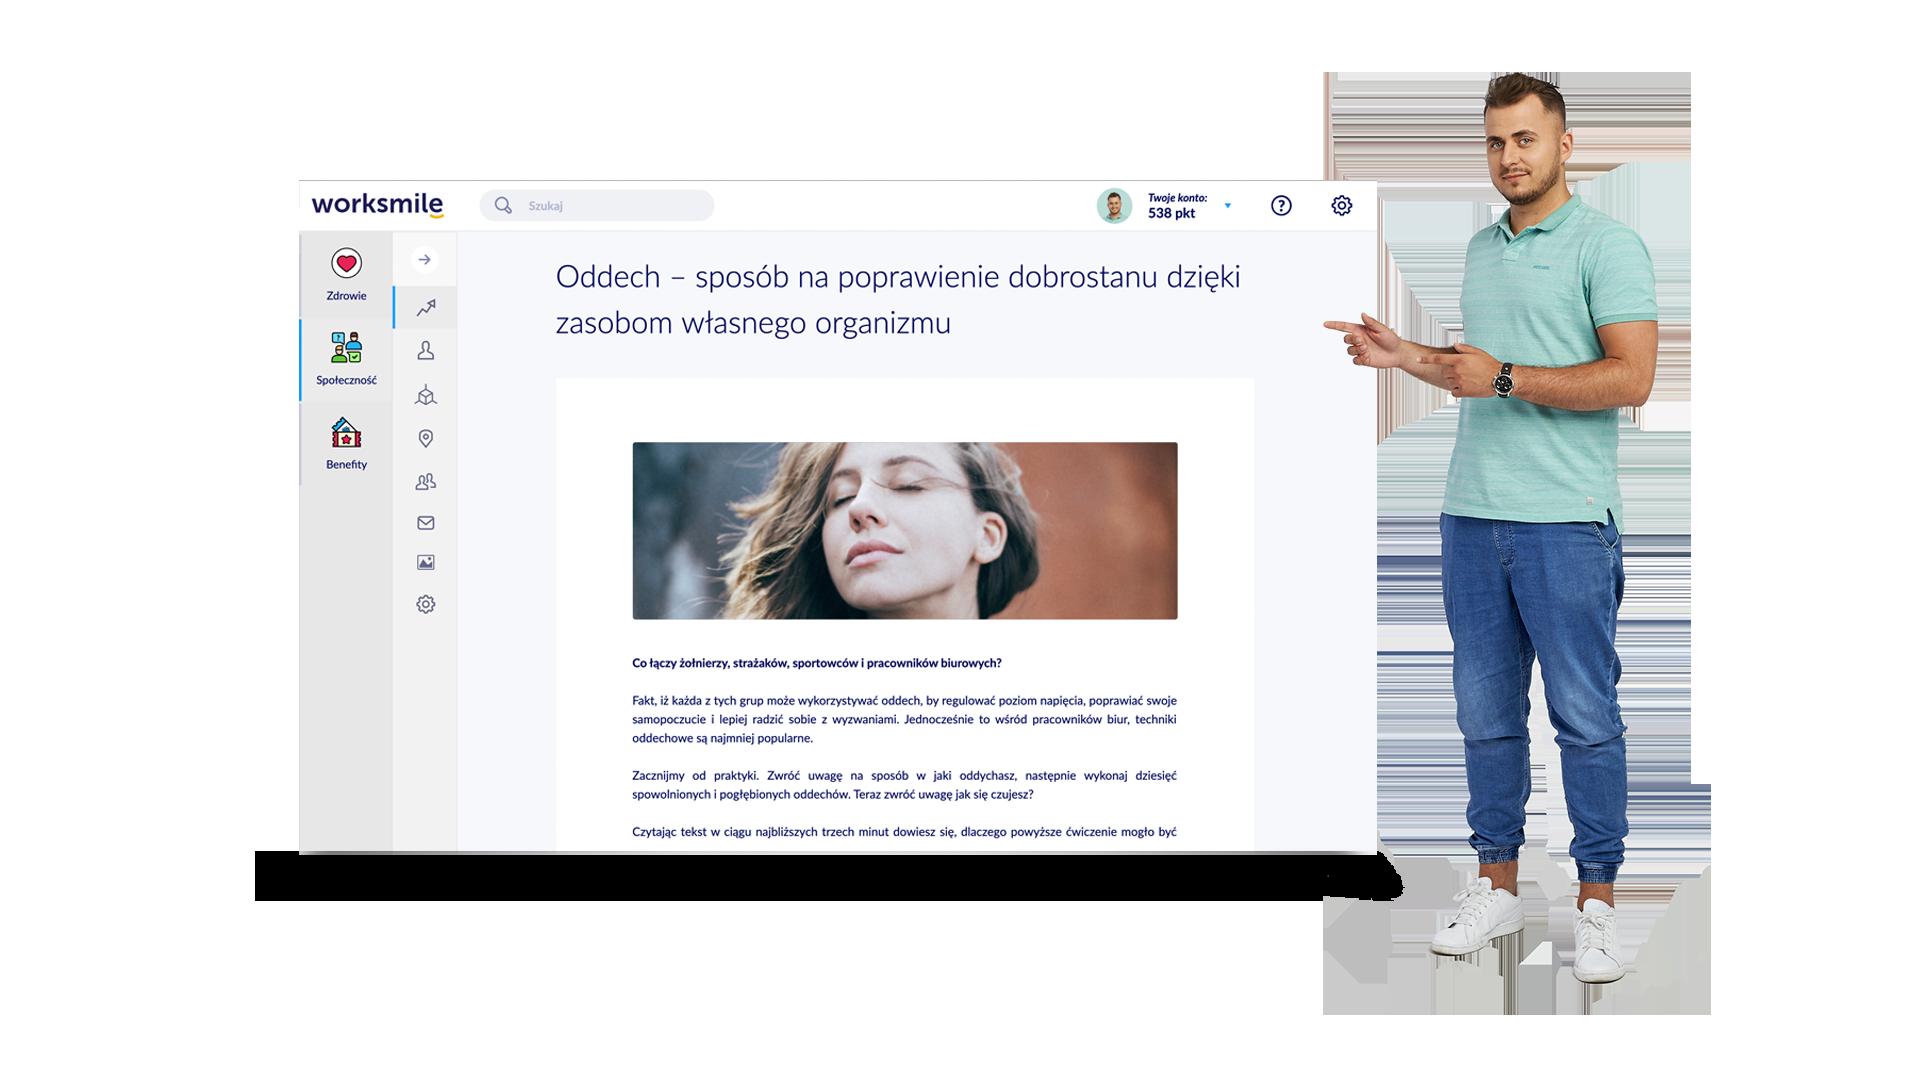 Platforma benefitowa Worksmile - dostęp do artykułów ekspertów